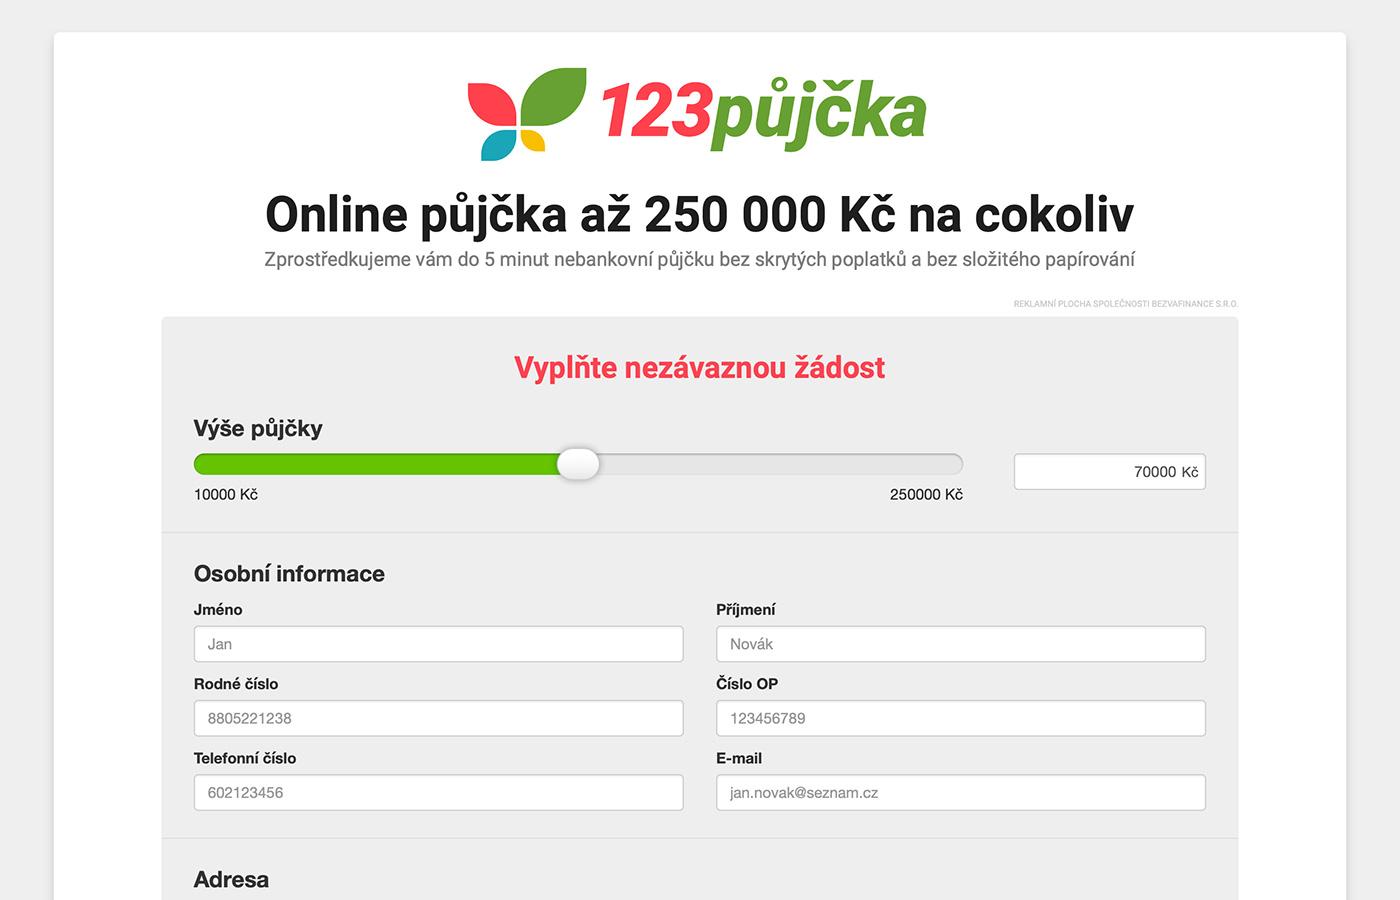 Nebankovní půjčka až 250 000 Kč bez ručitele - OKfin.cz.